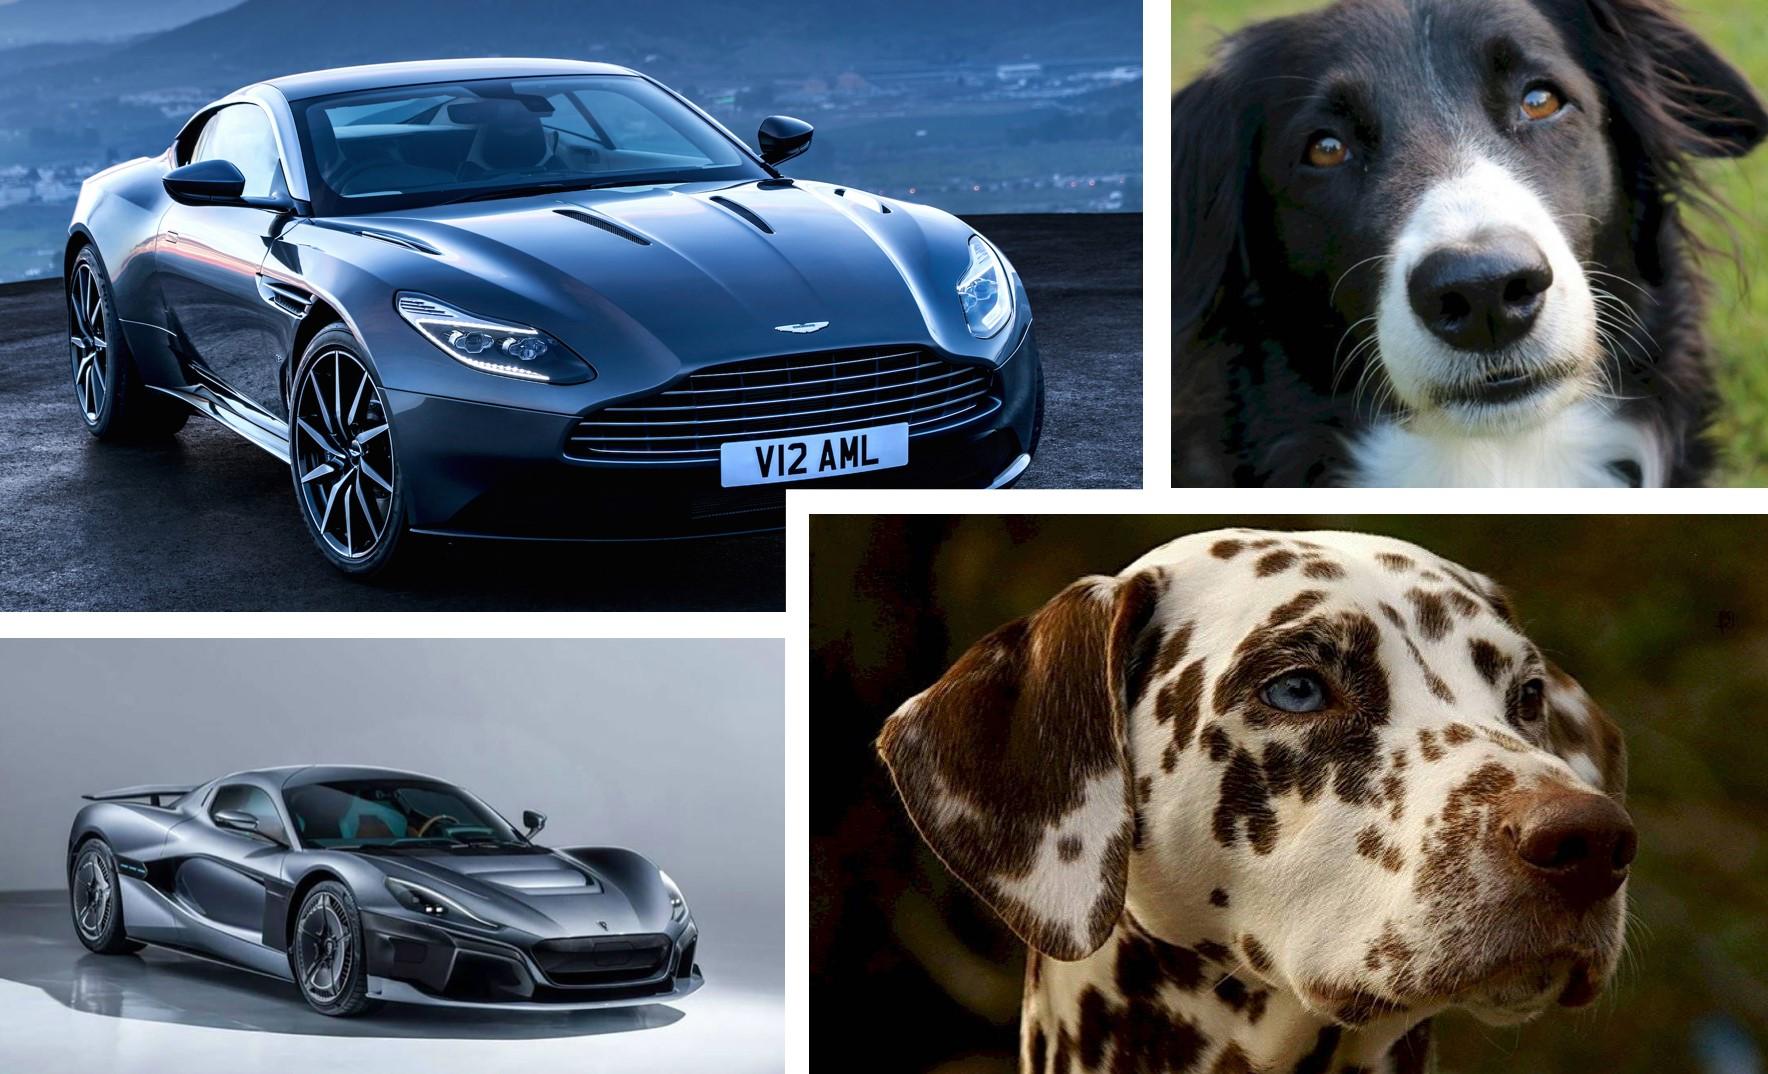 Si los perros fueran autos, ¿qué marca serían?